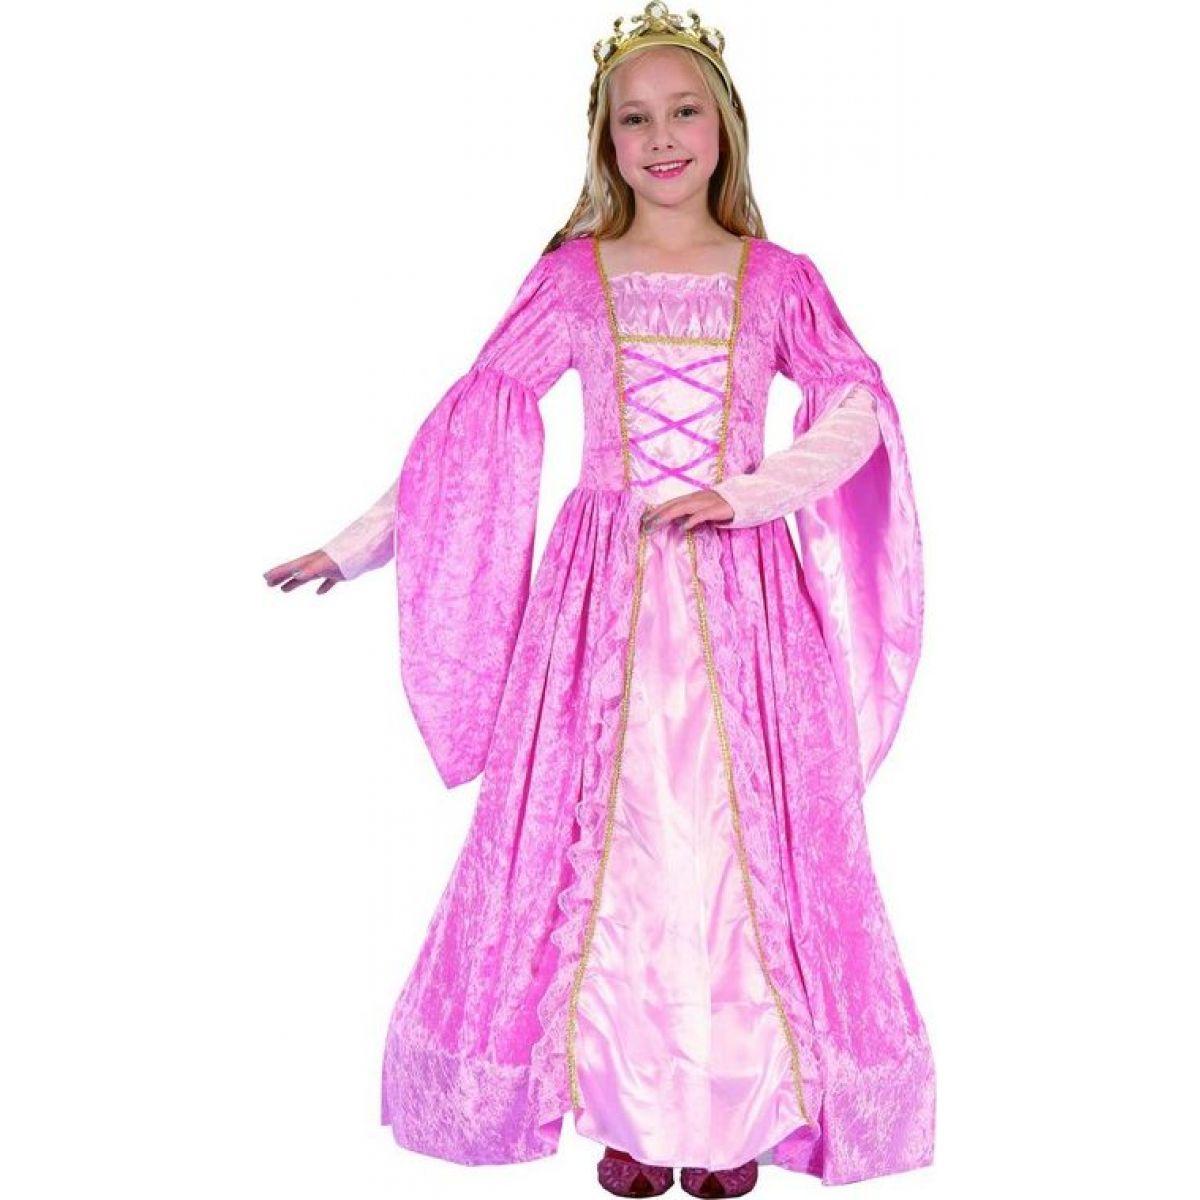 Dětský karnevalový kostým Princezna 110-120 cm